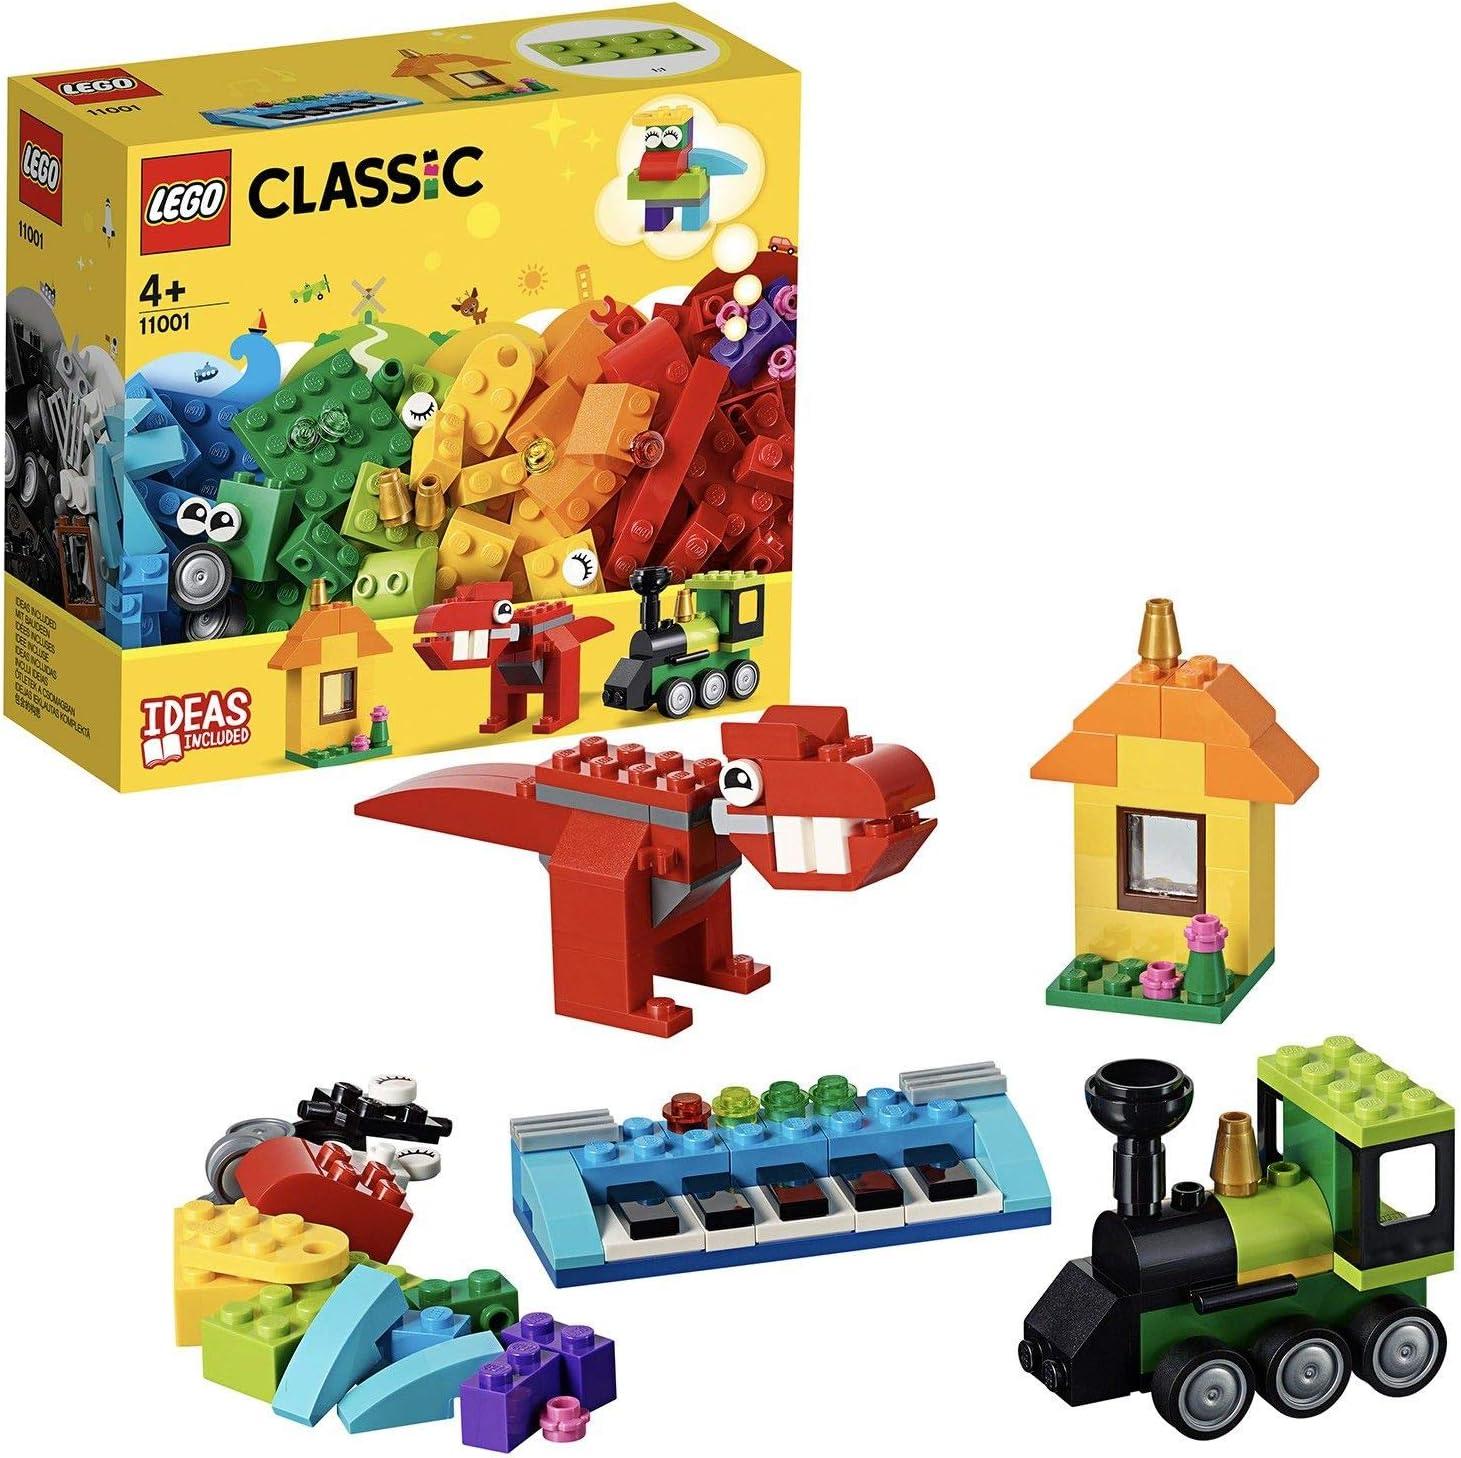 Lego 11001 Classic Bricks And Ideas Construction Toy Lego Amazon Co Uk Toys Games